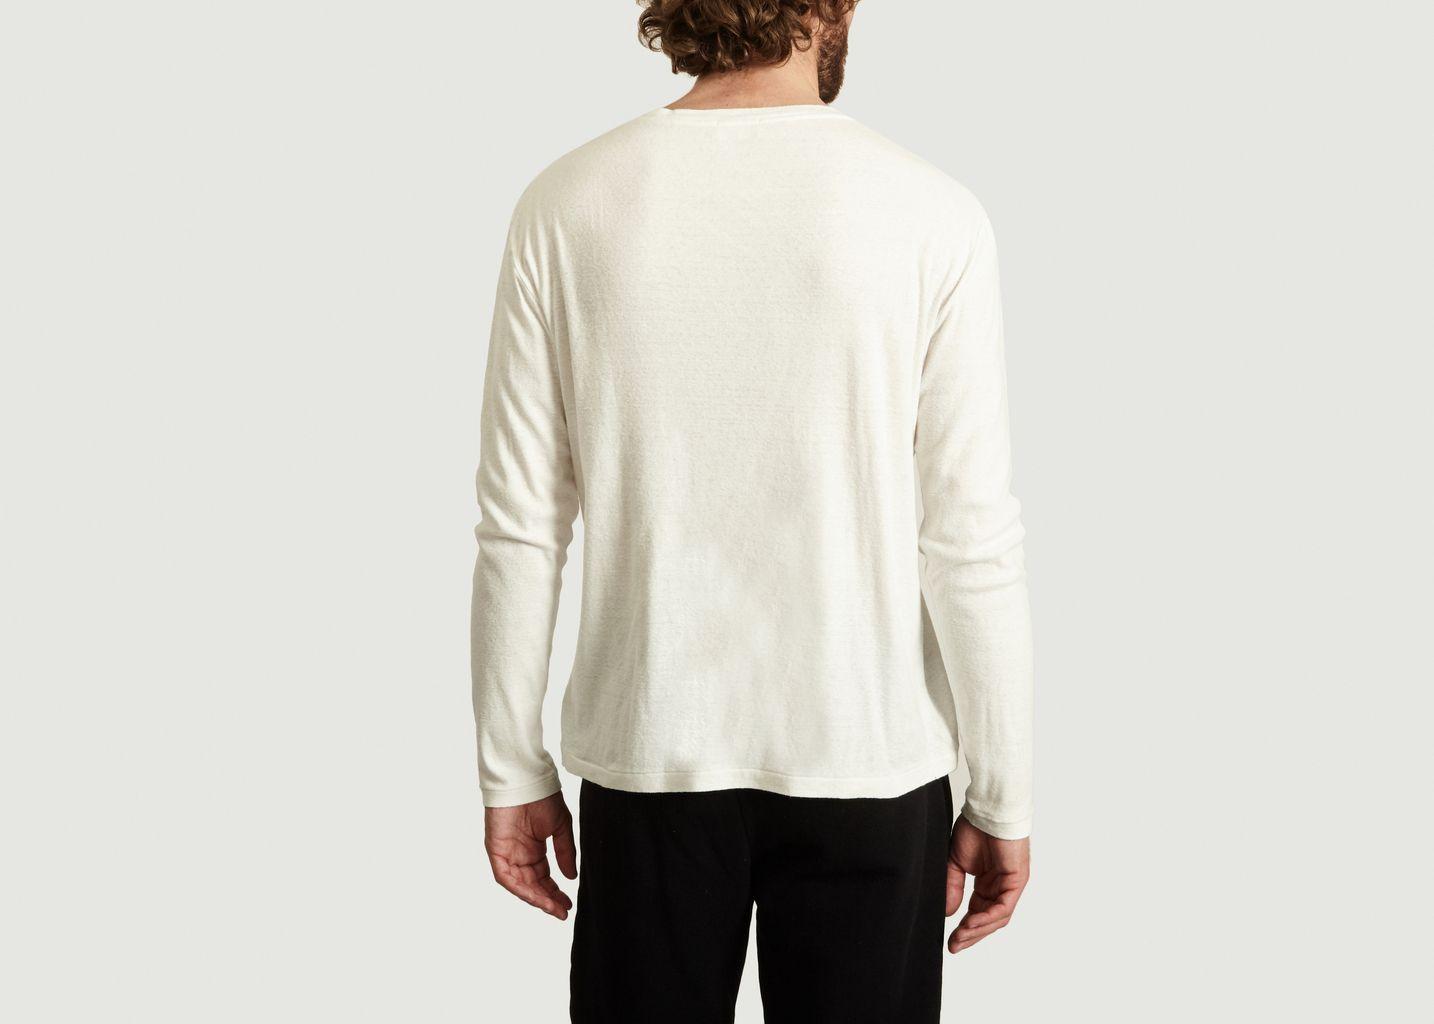 T-Shirt Gamastate - American Vintage